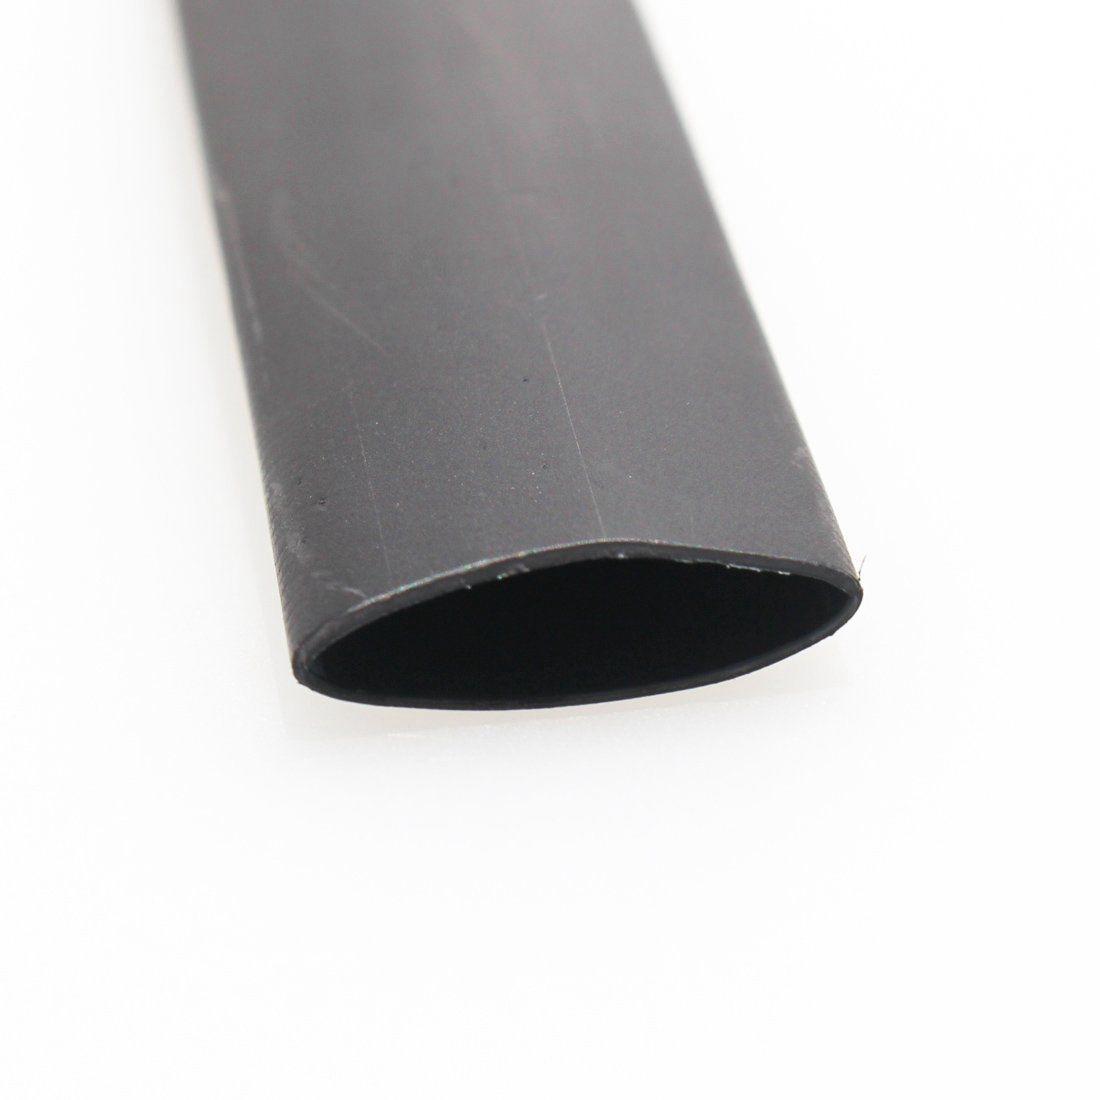 Black Heat Shrink Tube électrique Gaine Câble Voiture//fil Heatshrink tube Wrap